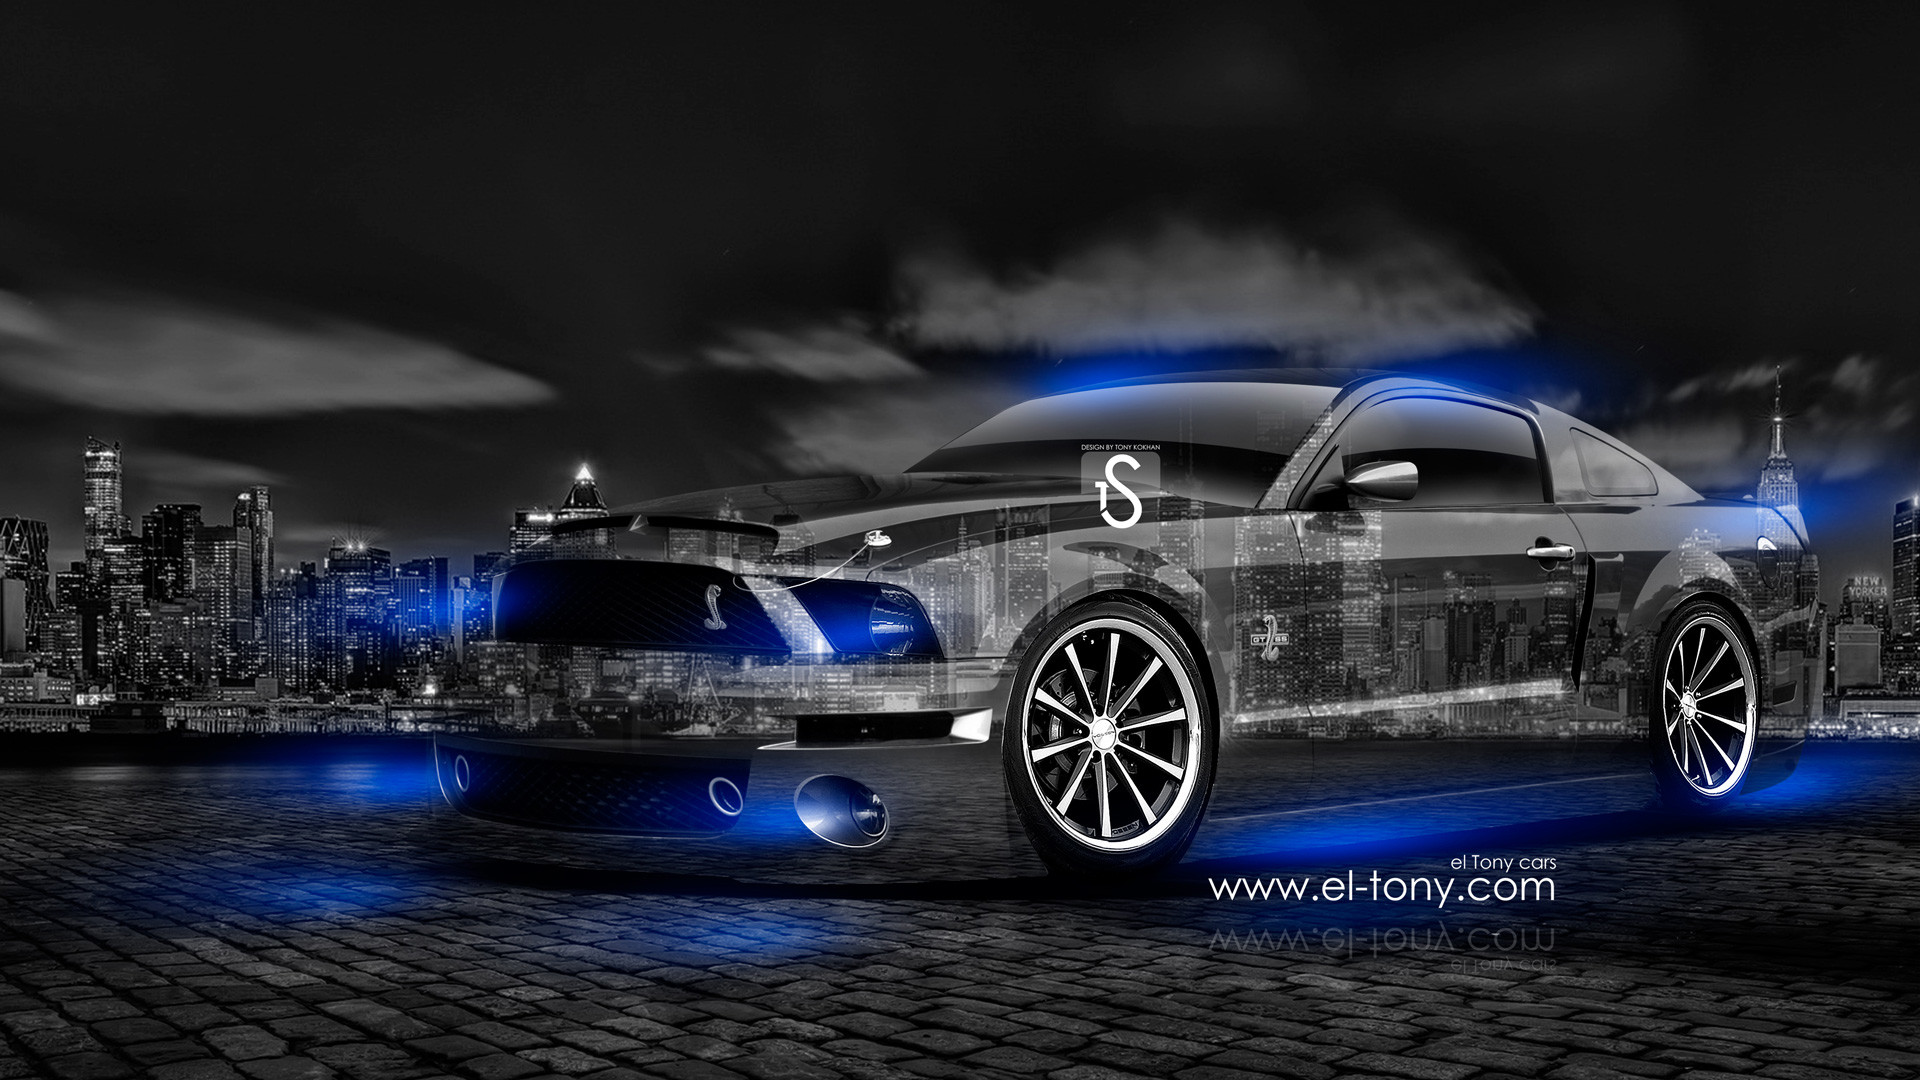 Lamborghini Car Wallpaper In Hd Cool Cars Wallpaper 66 Images